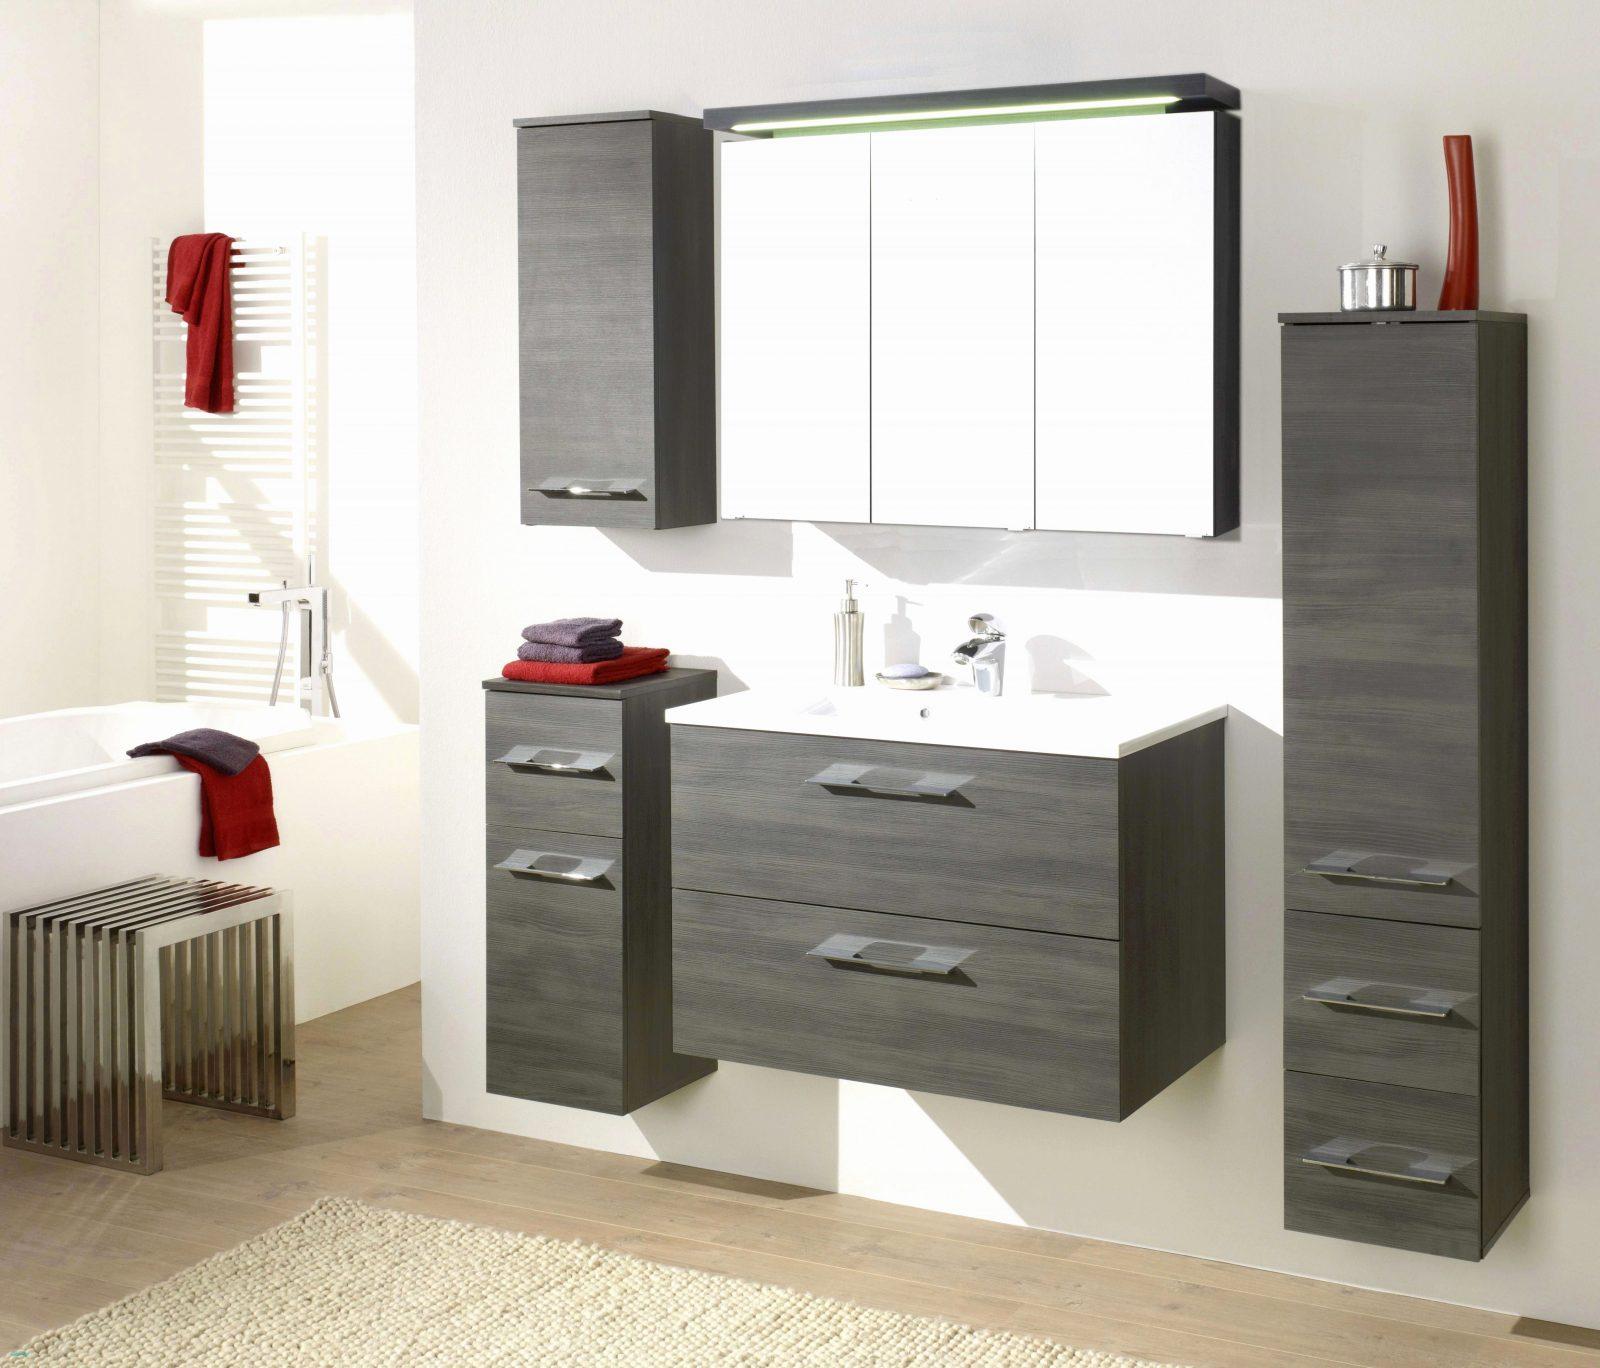 Aufsatzwaschbecken Unterschrank Selber Bauen Einzigartig Bad von Unterschrank Für Aufsatzwaschbecken Selber Bauen Bild